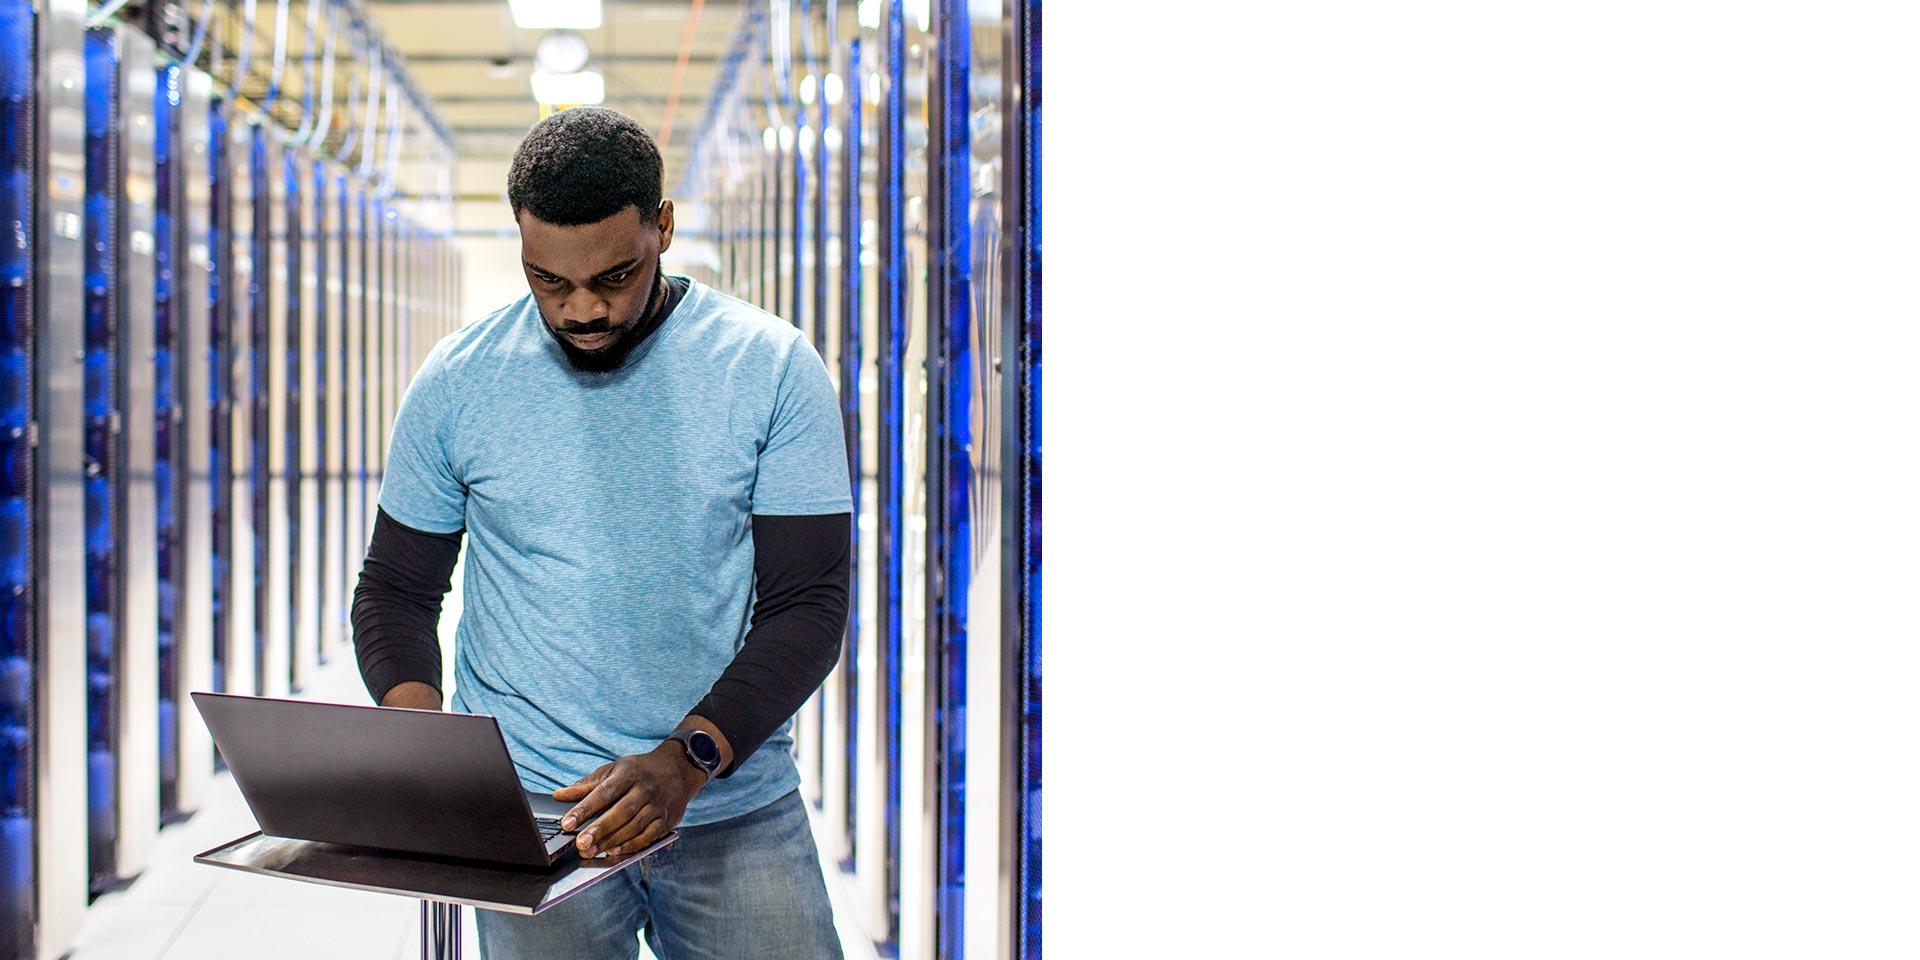 Мужчина использует ноутбук в центре обработки данных